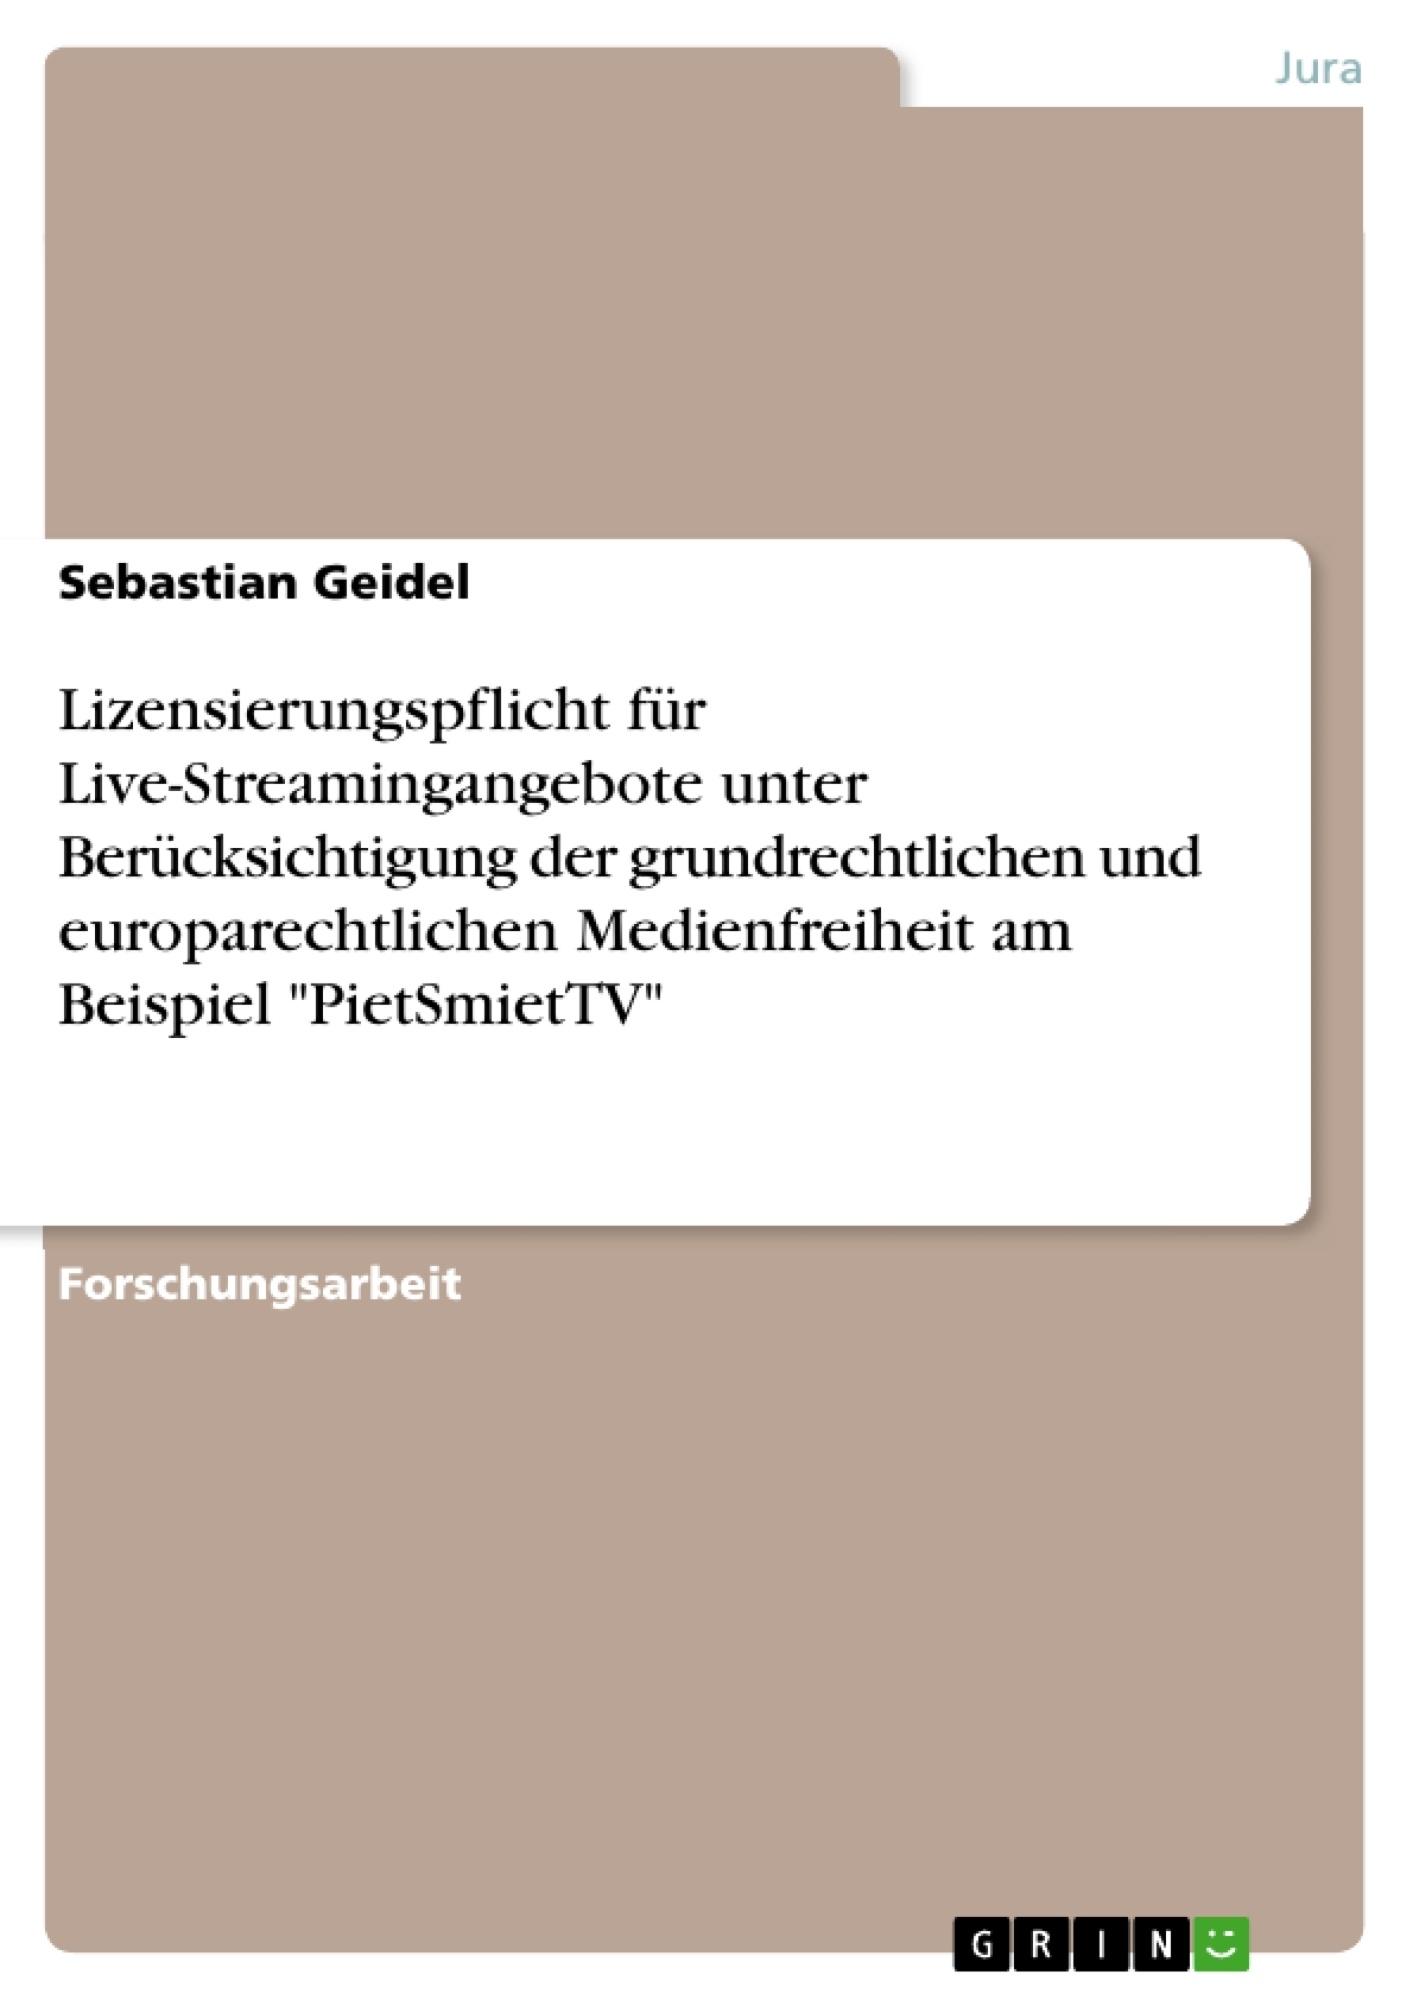 """Titel: Lizensierungspflicht für Live-Streamingangebote unter Berücksichtigung der grundrechtlichen und europarechtlichen Medienfreiheit am Beispiel """"PietSmietTV"""""""